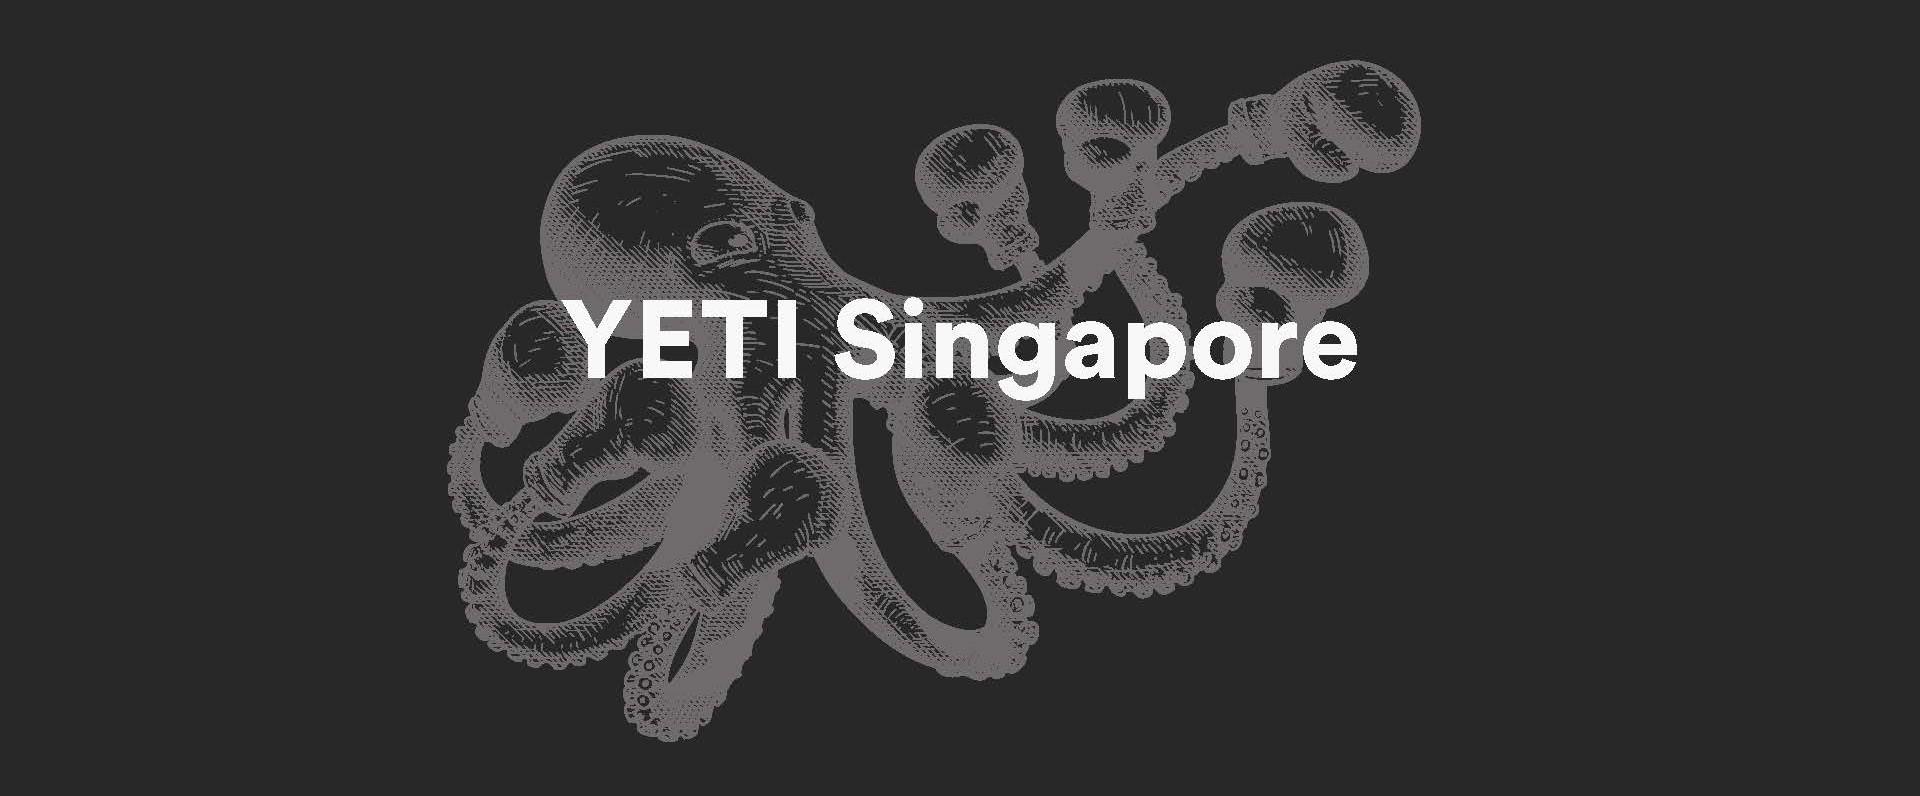 MullenLowe Singapore Launches Yeti